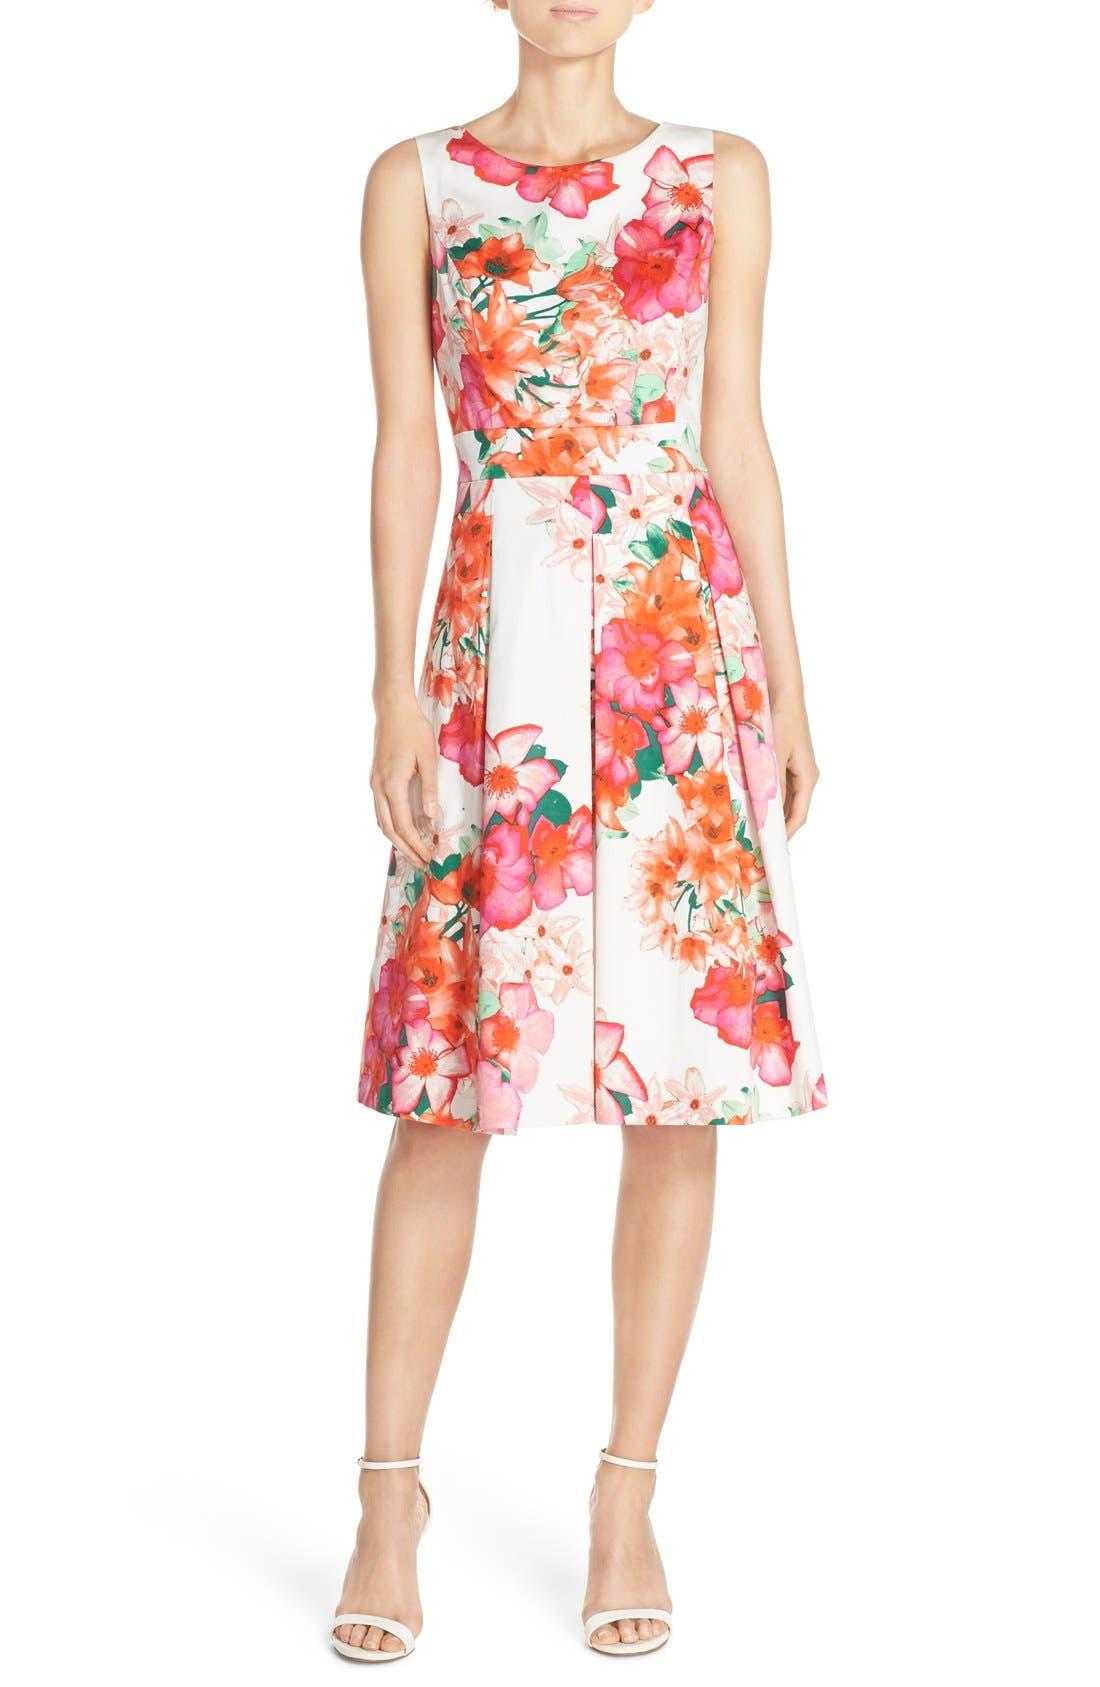 Floral Print Fit & Flare Dress,                         Main,                         color, Pink/ Orange/ Green